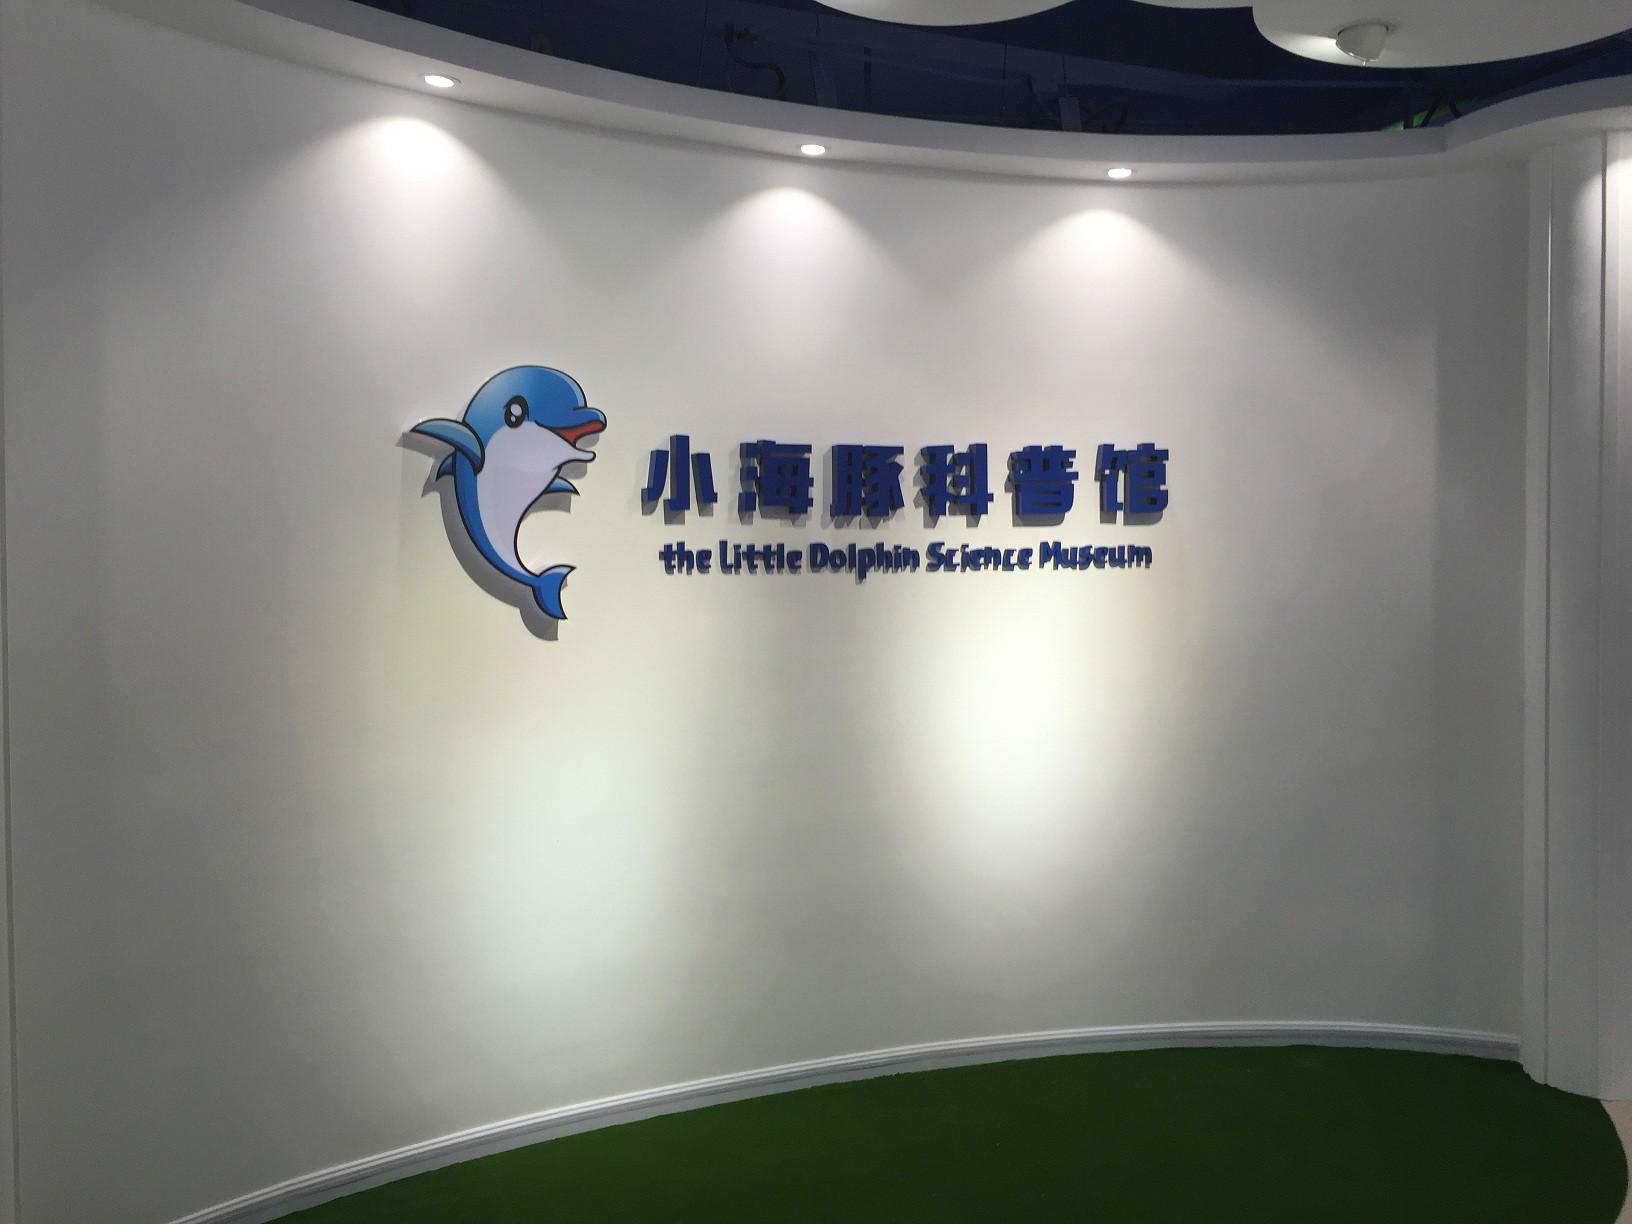 广州市海珠区少年宫小海豚科普馆志愿服务工作人员(2017年上半年活动)